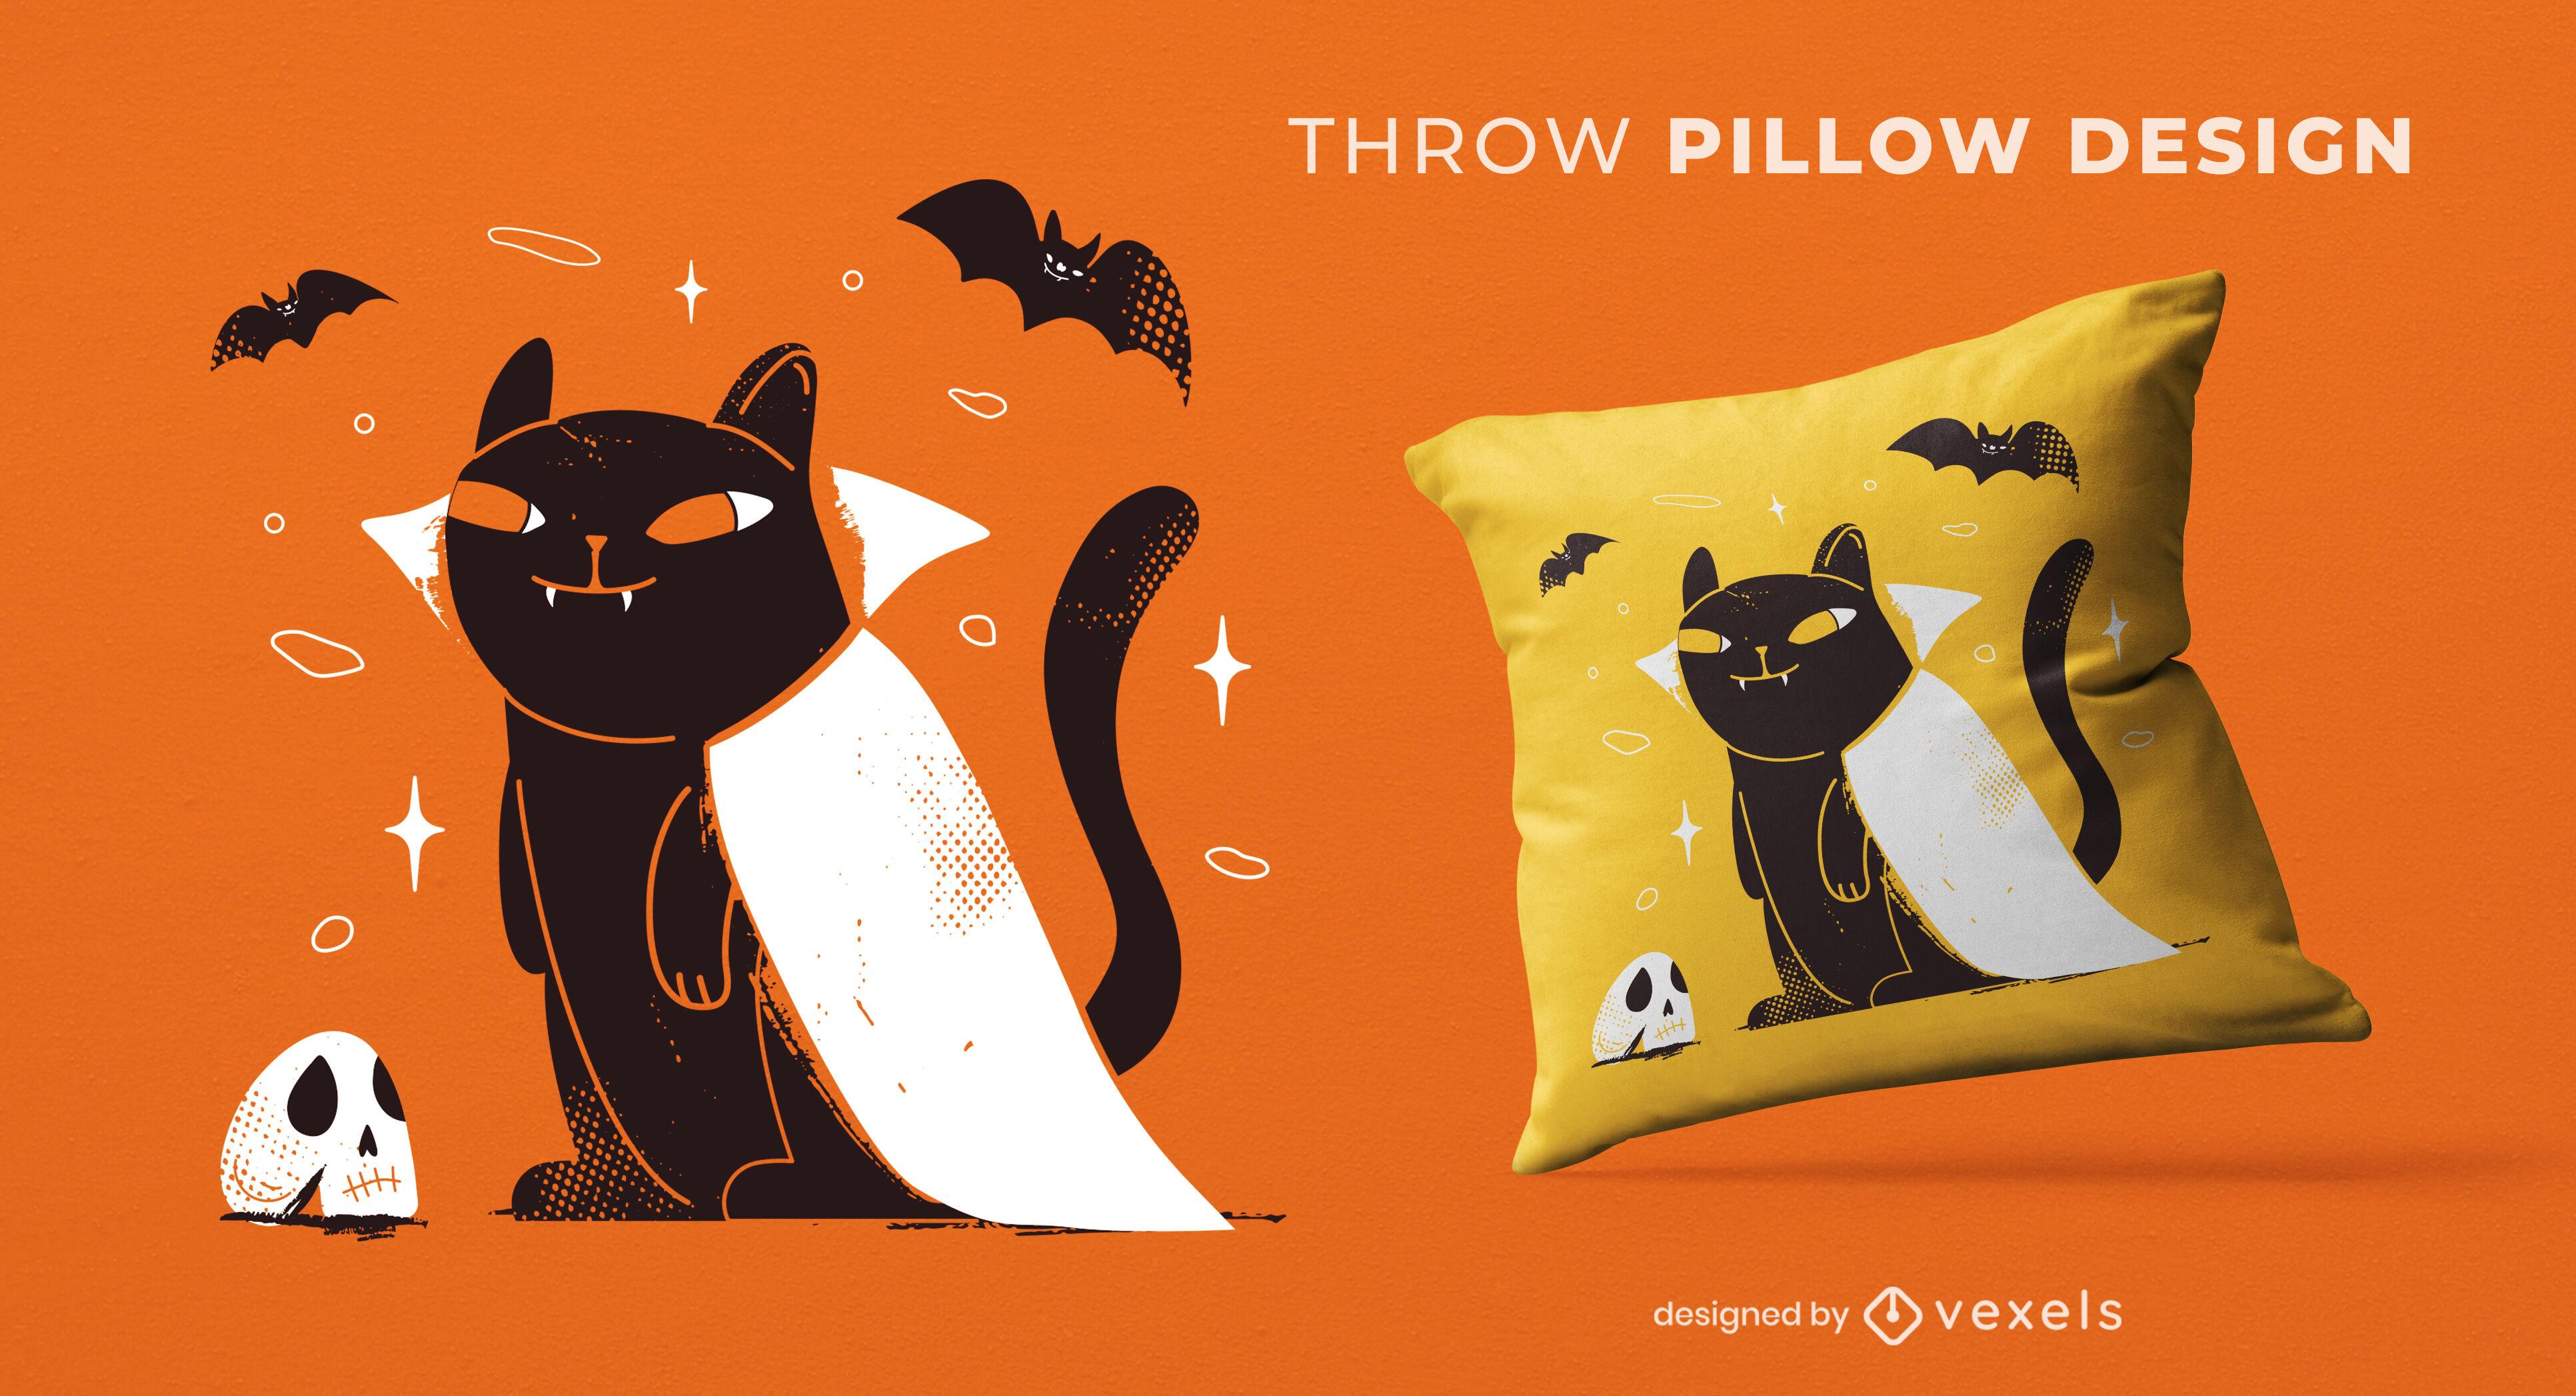 Dise?o de almohada de Thorw de vampiro de gato de Halloween negro